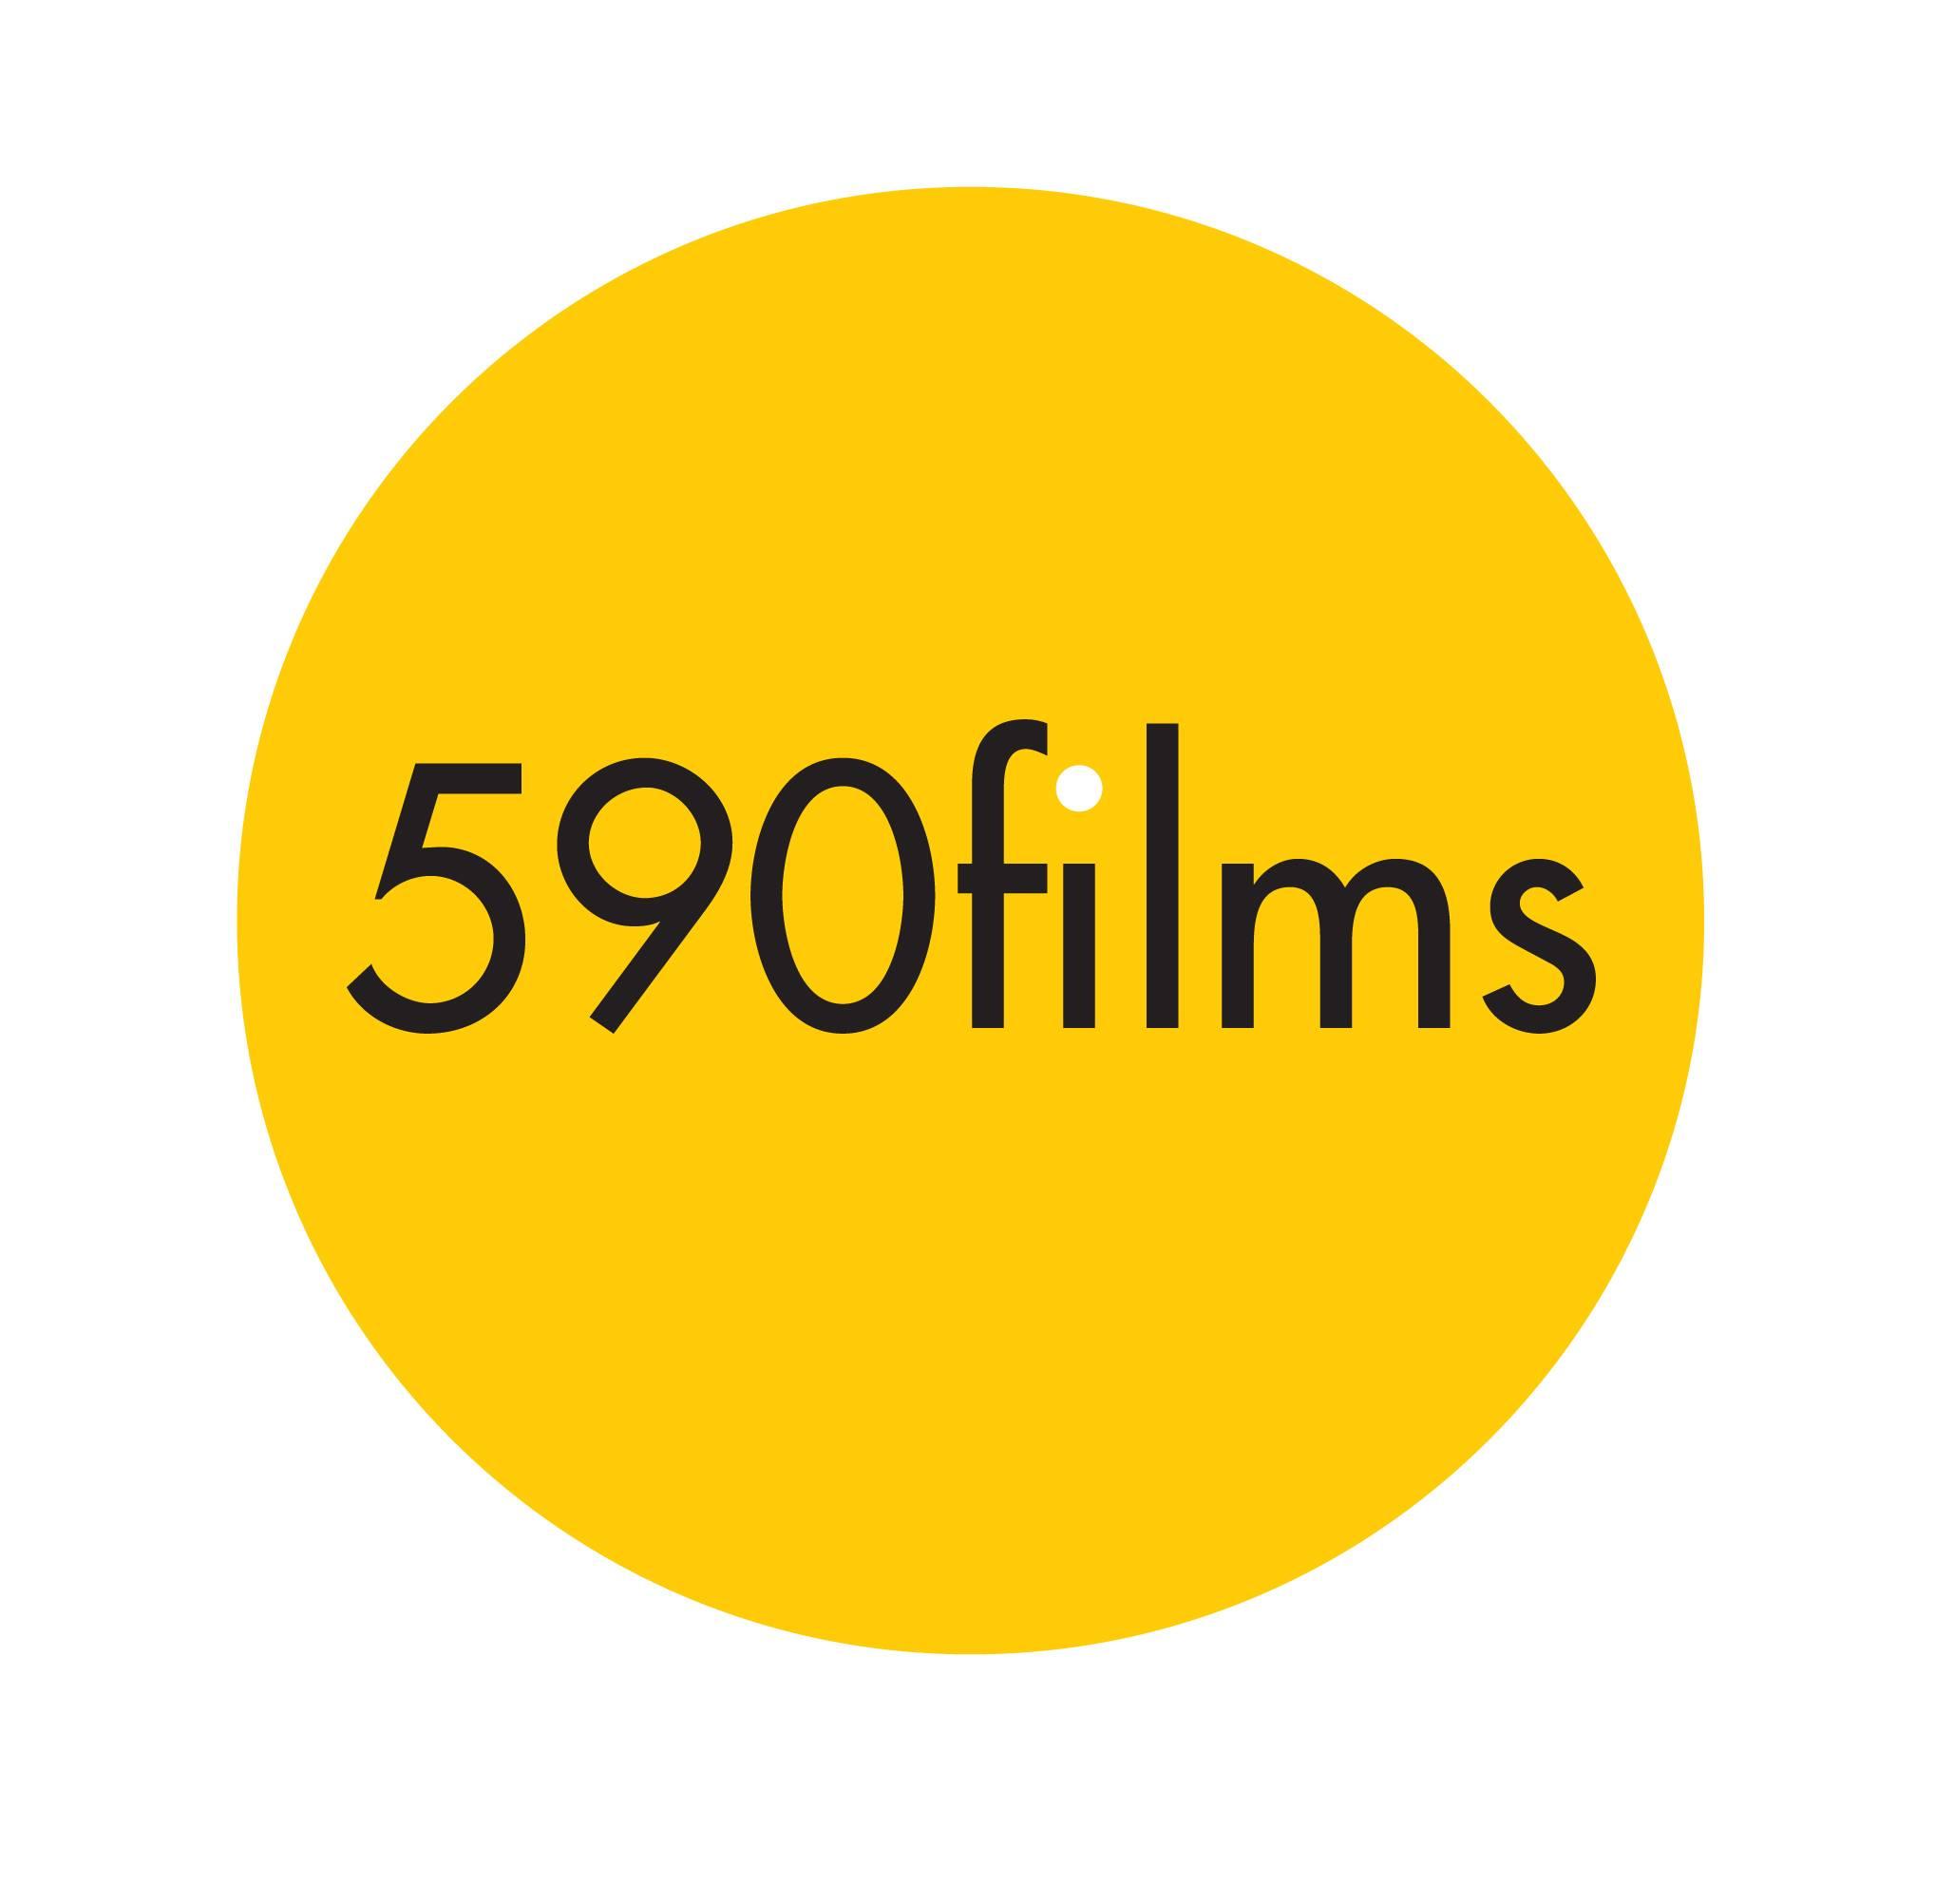 Logo of 590films